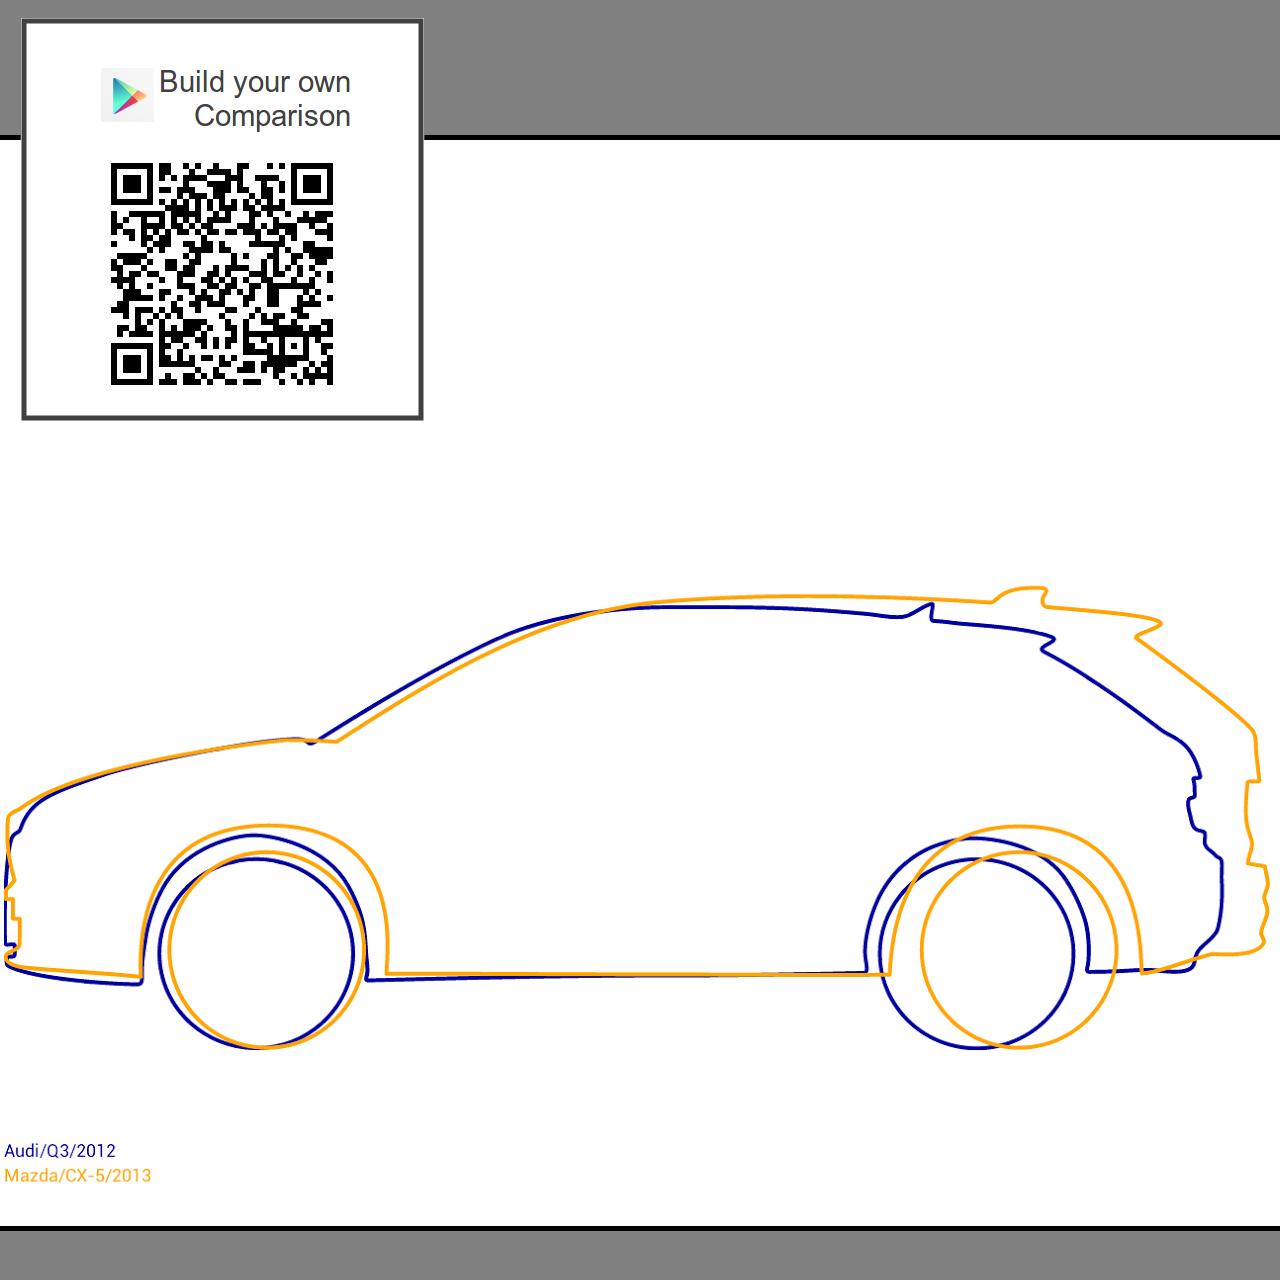 Mazda cx 5 2013 vs audi q3 2012 compare dimensions